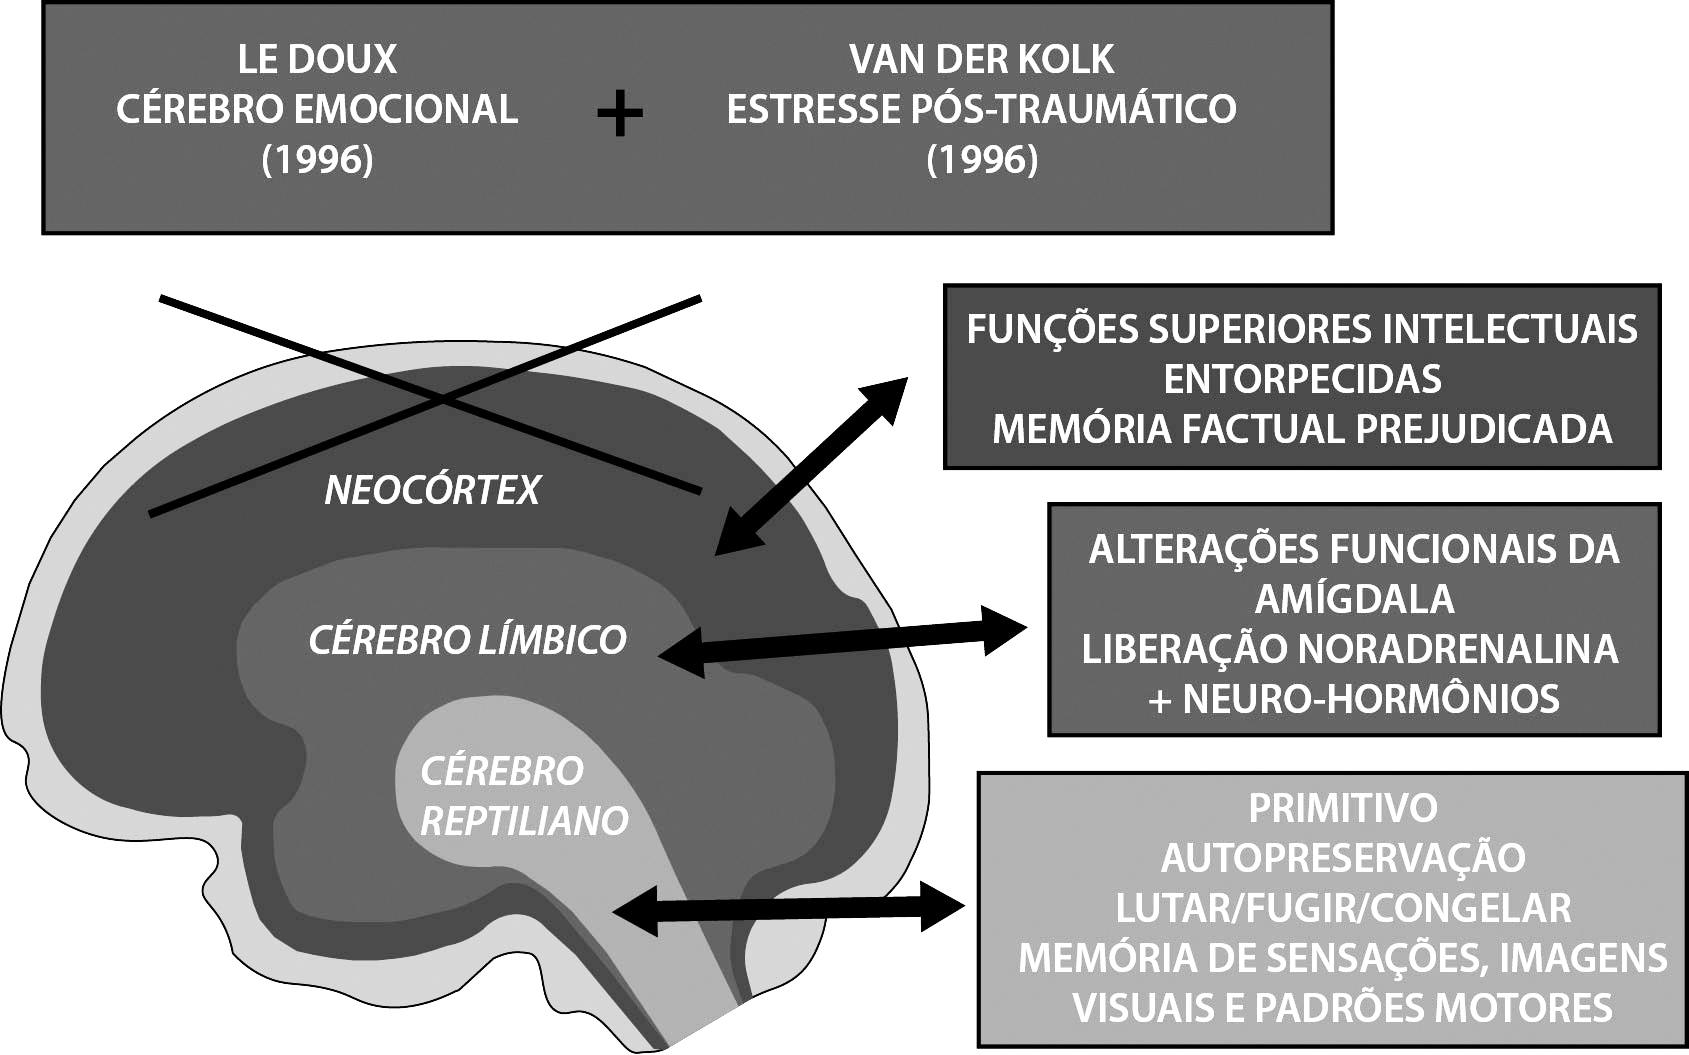 f801dea8e983 Figura 2 – Funcionamento Cerebral e Memória no Estresse Pós-Traumático